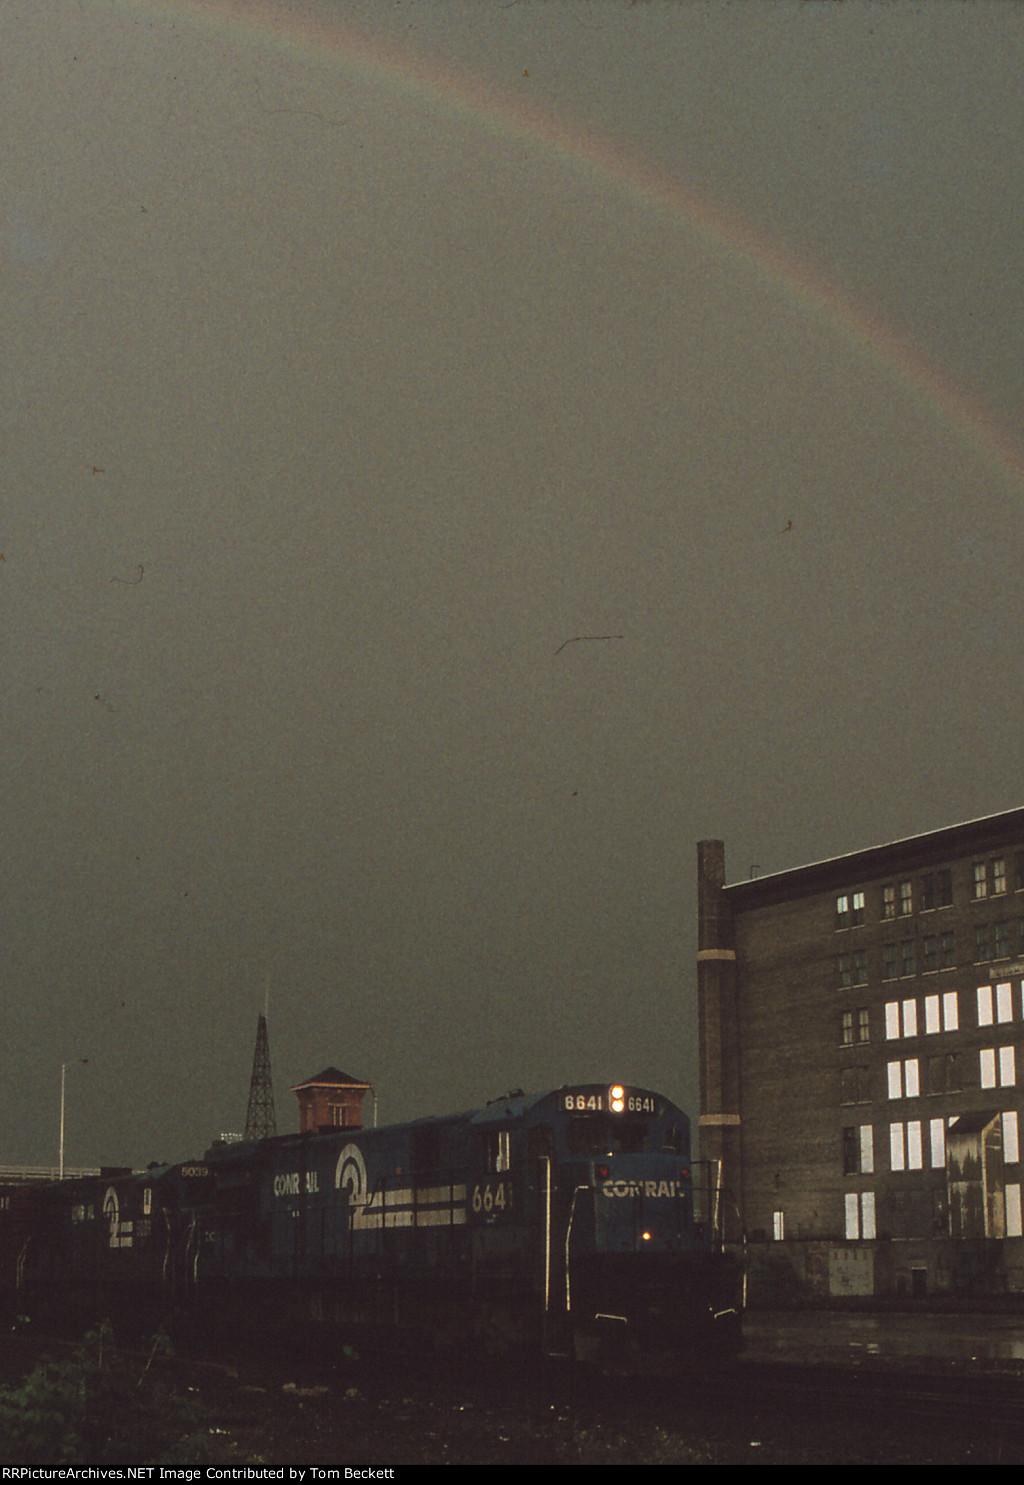 Conrail rainbow